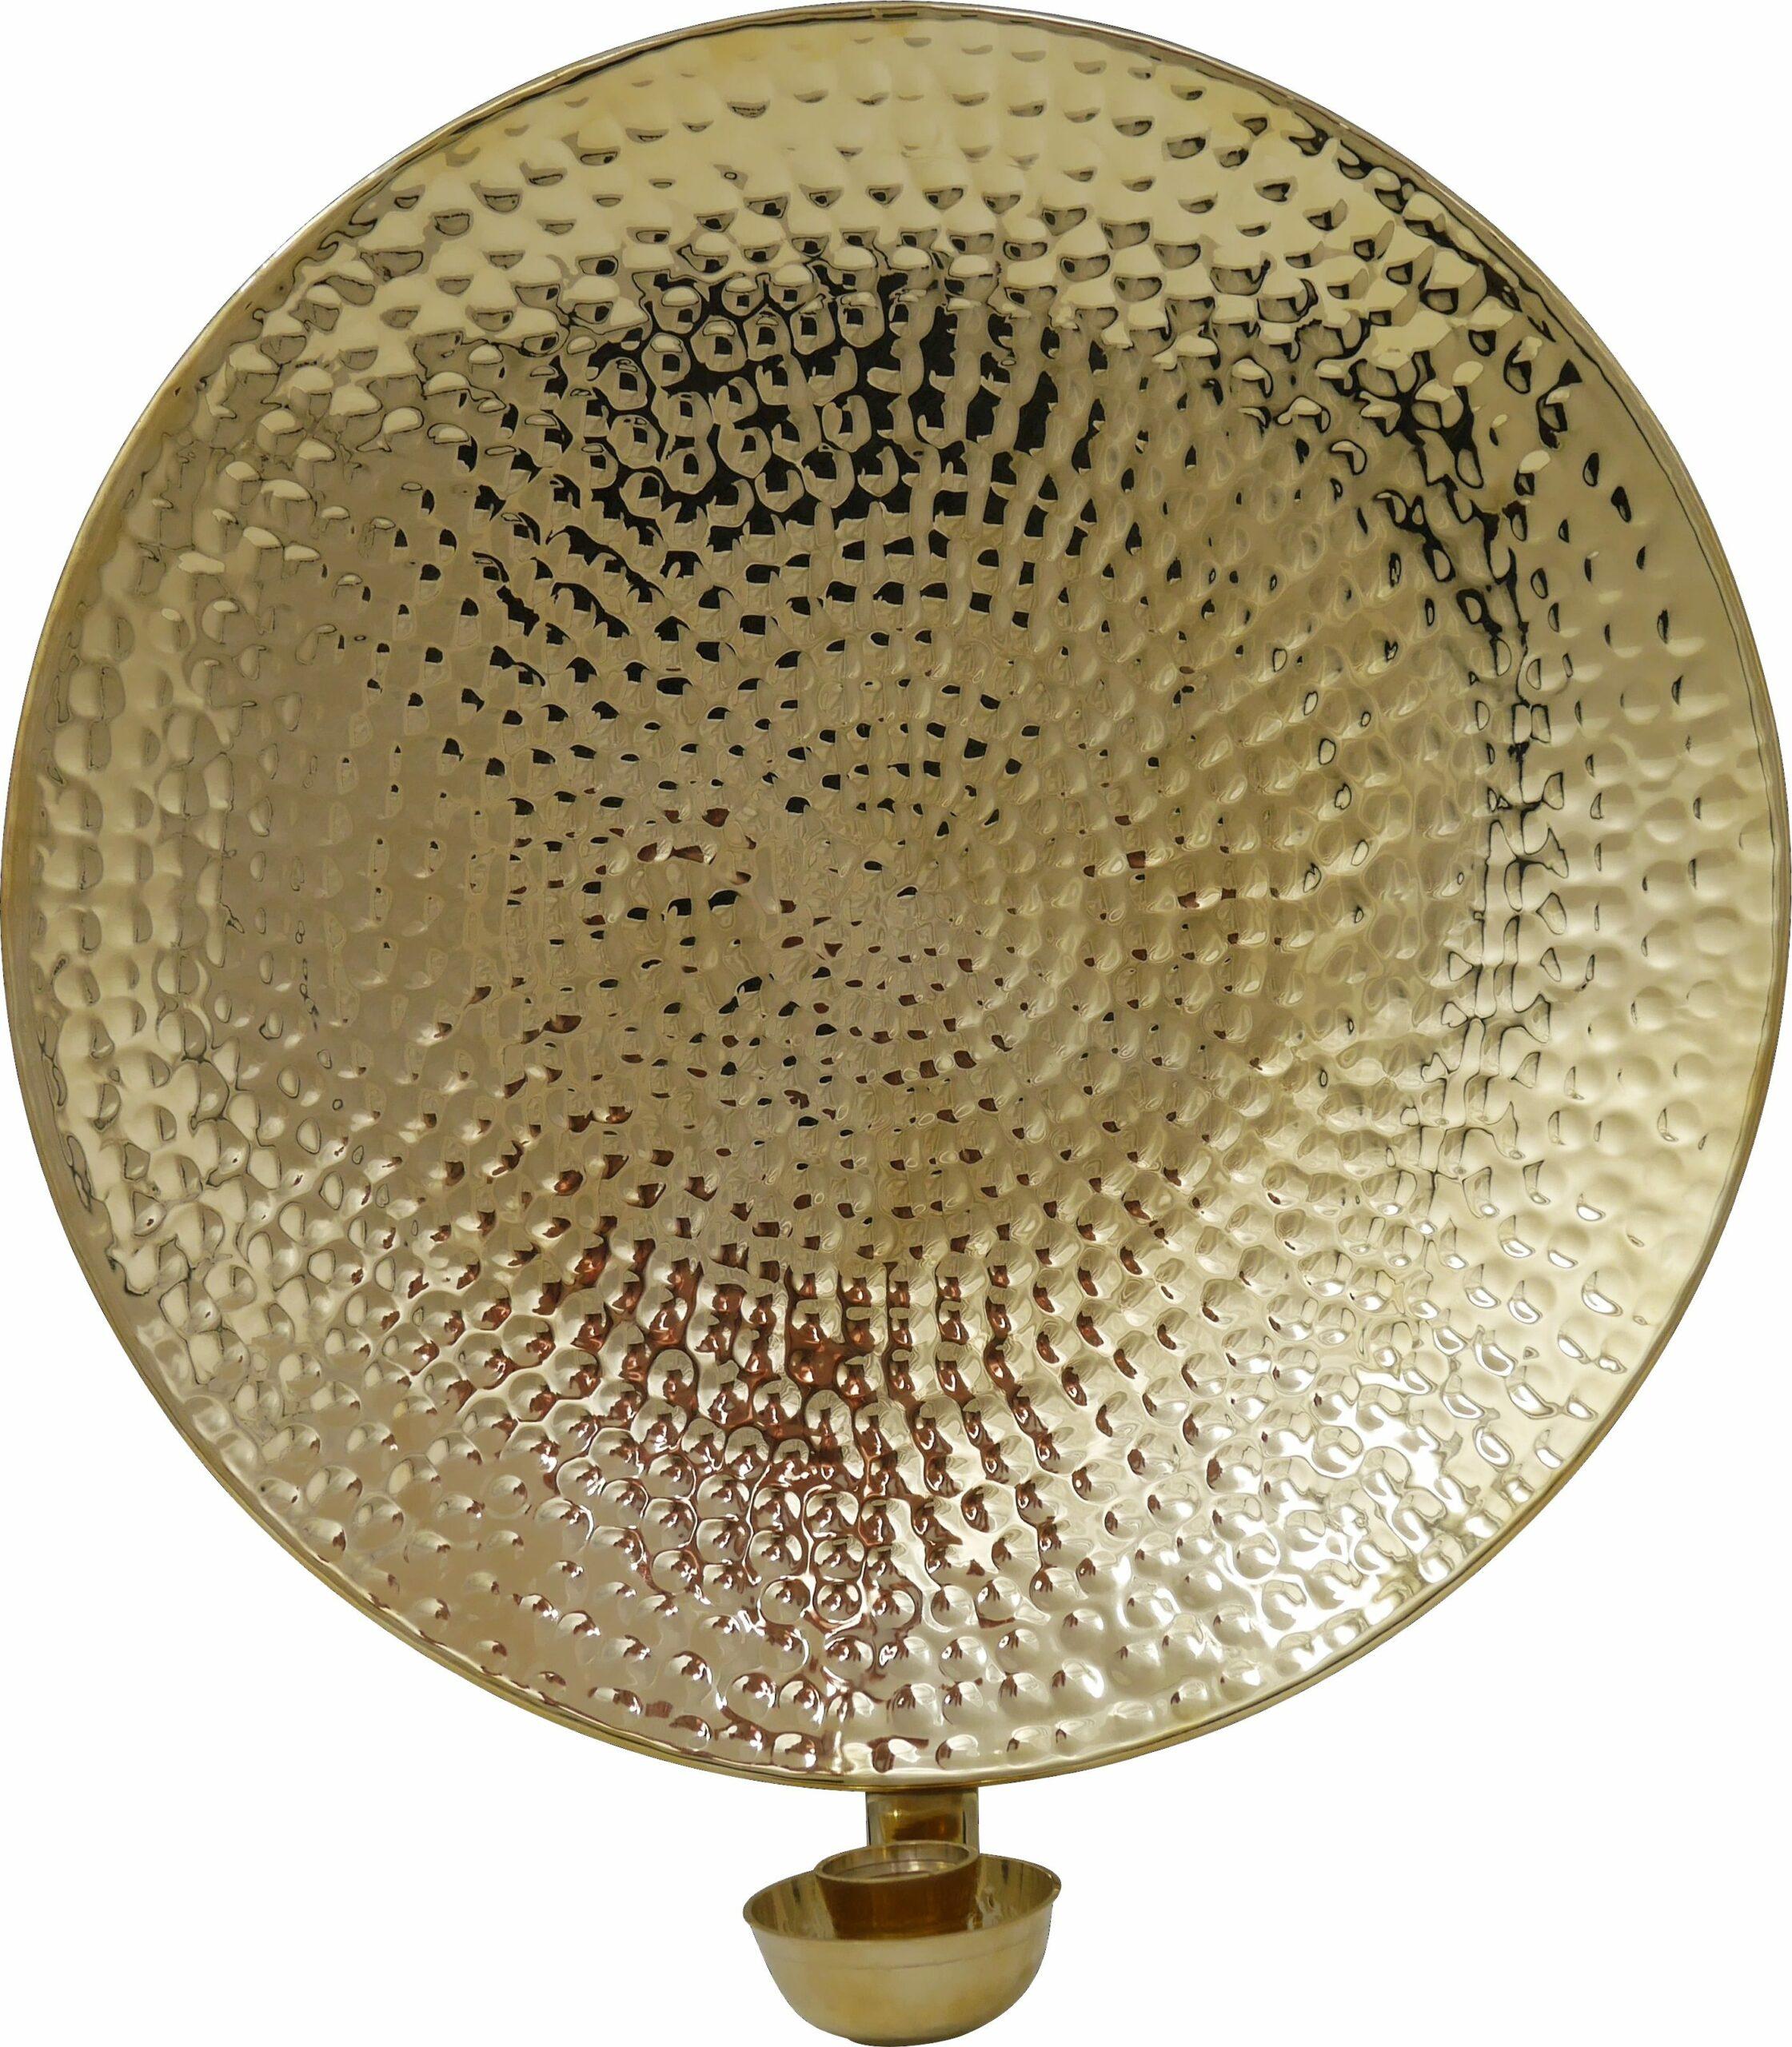 Mässing - Lampett Rund 23 cm, SLUT åter i lager feb 2021 Image